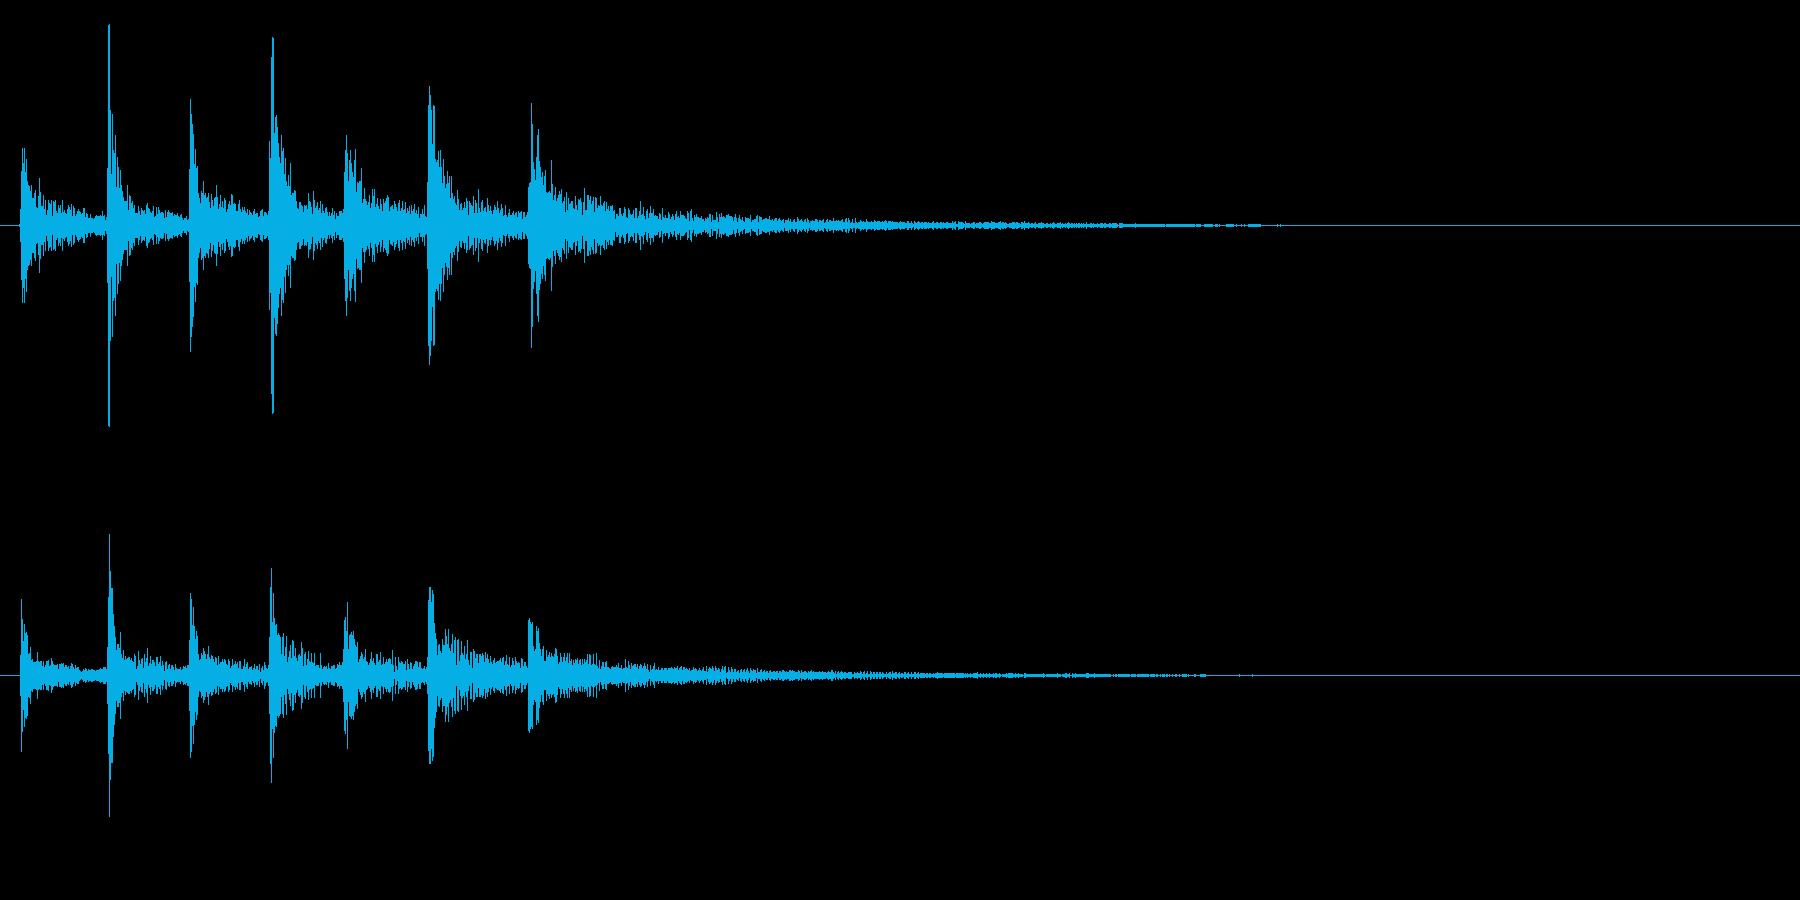 ティンパニ、(手)、スローシンフォ...の再生済みの波形